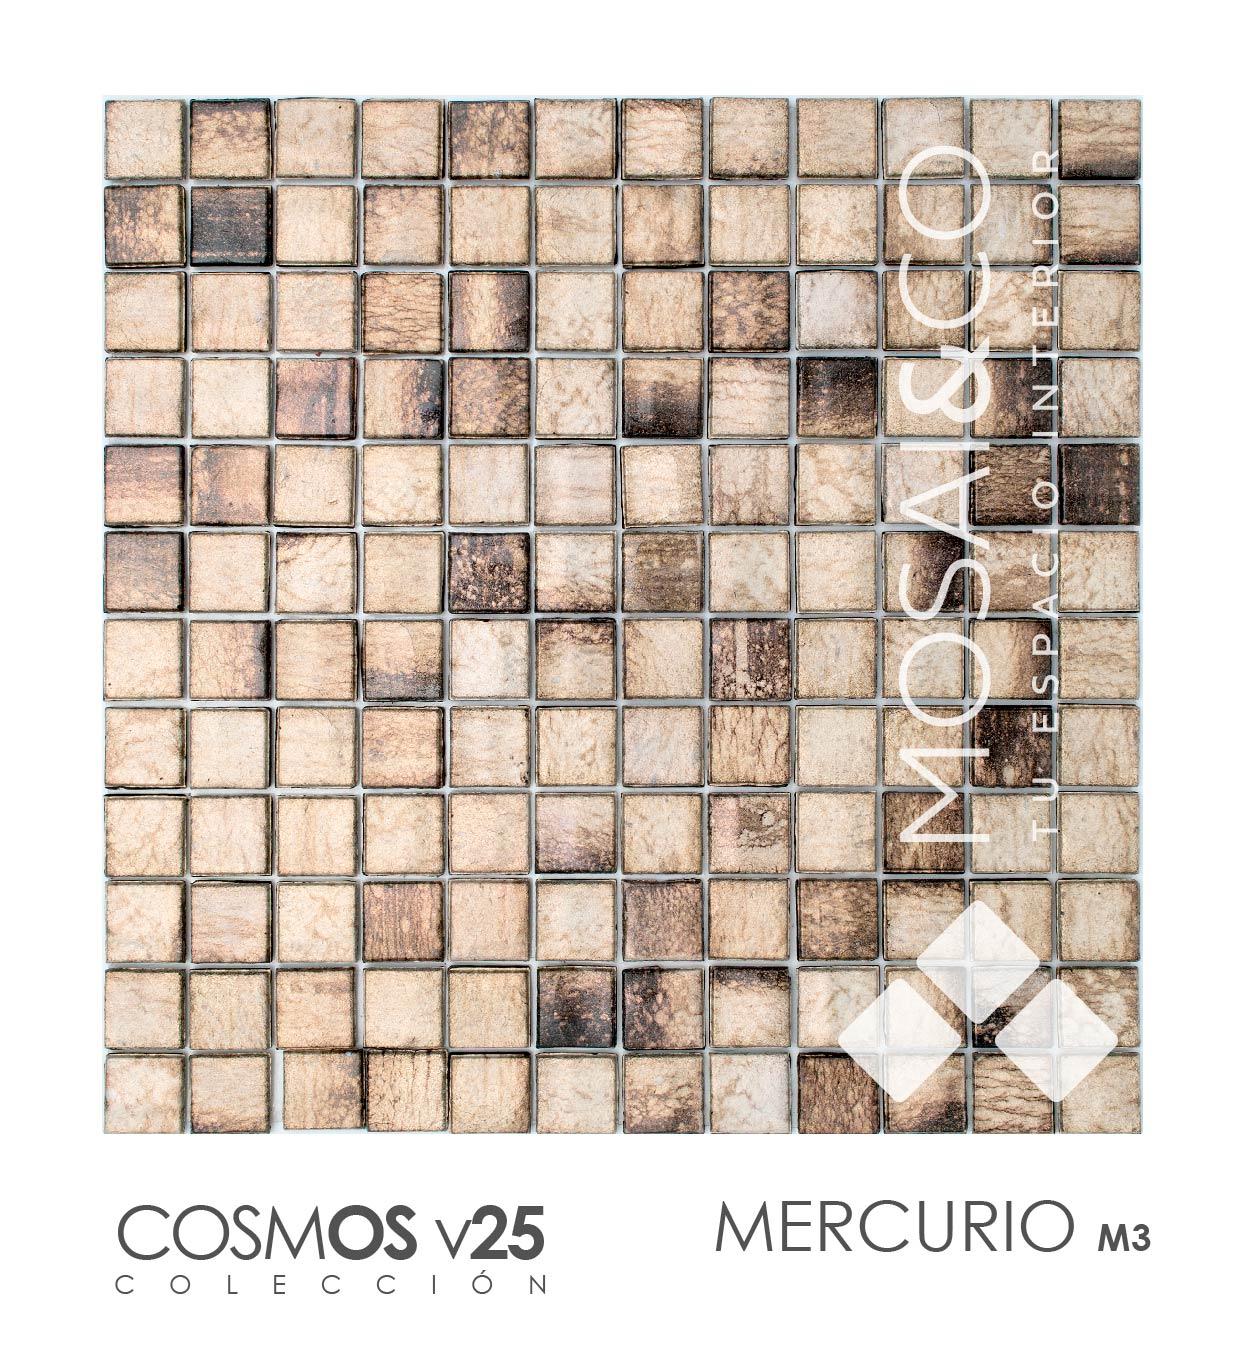 mosaico-decoracion-interiores-mosaiandco-coleccion-cosmos_mercurio-m3